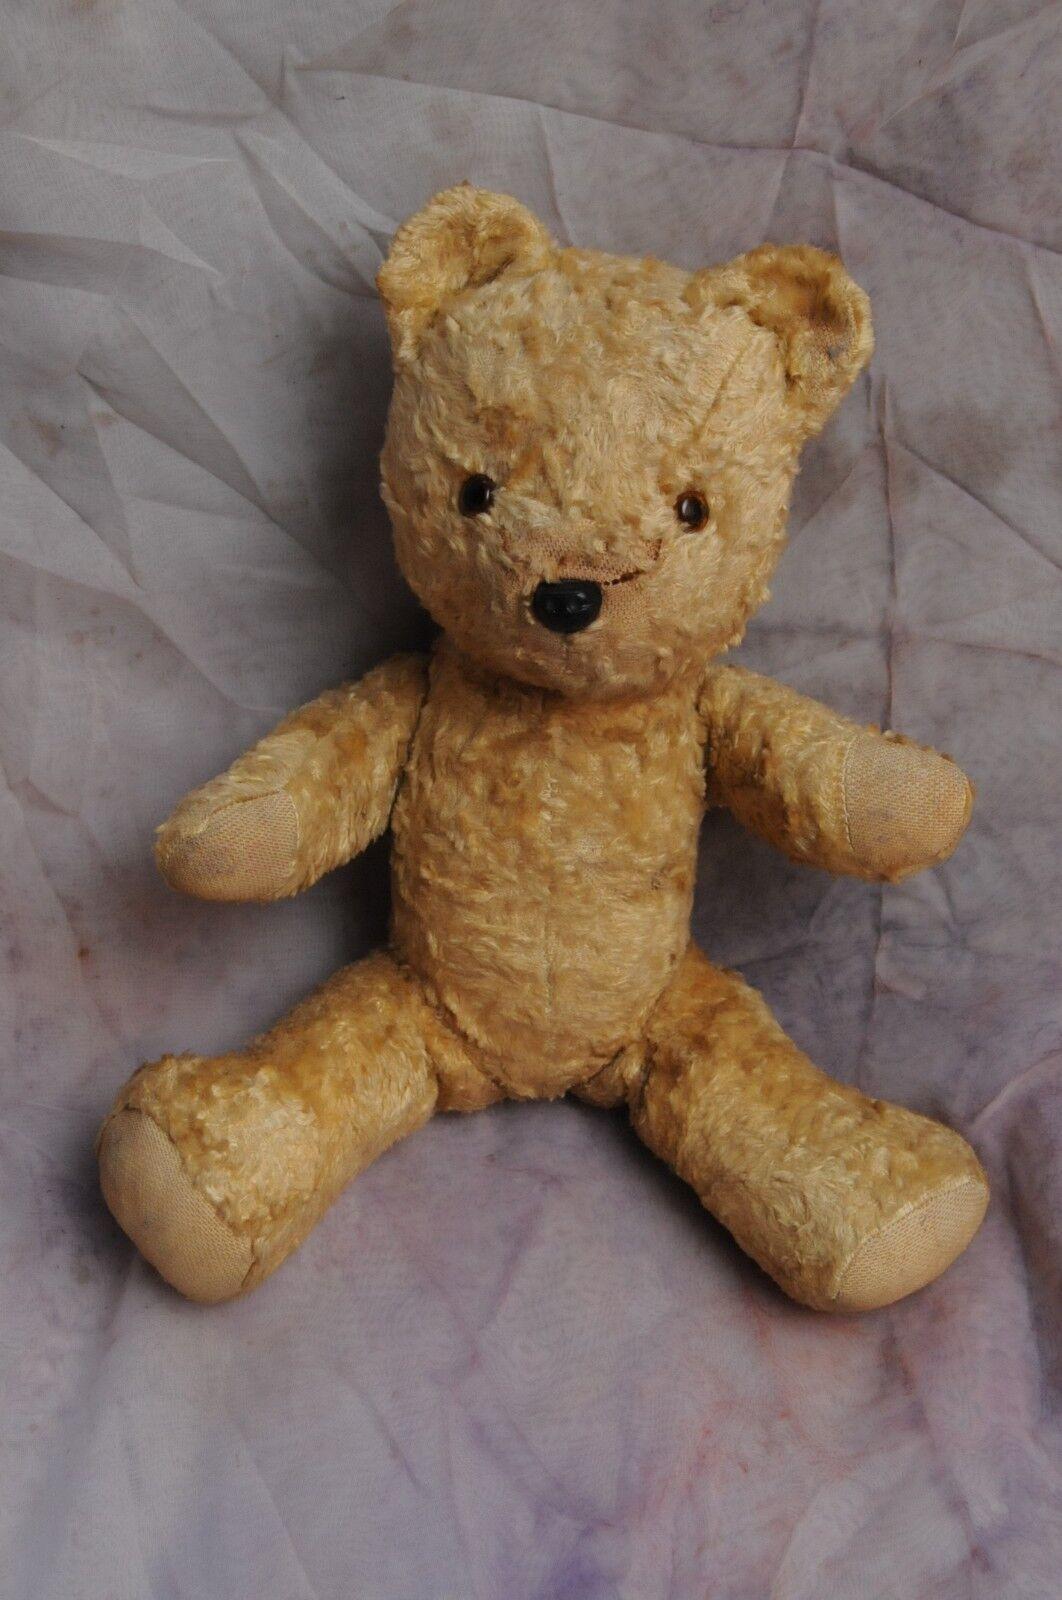 Vintage Teddy Bear (1960s - 70s)